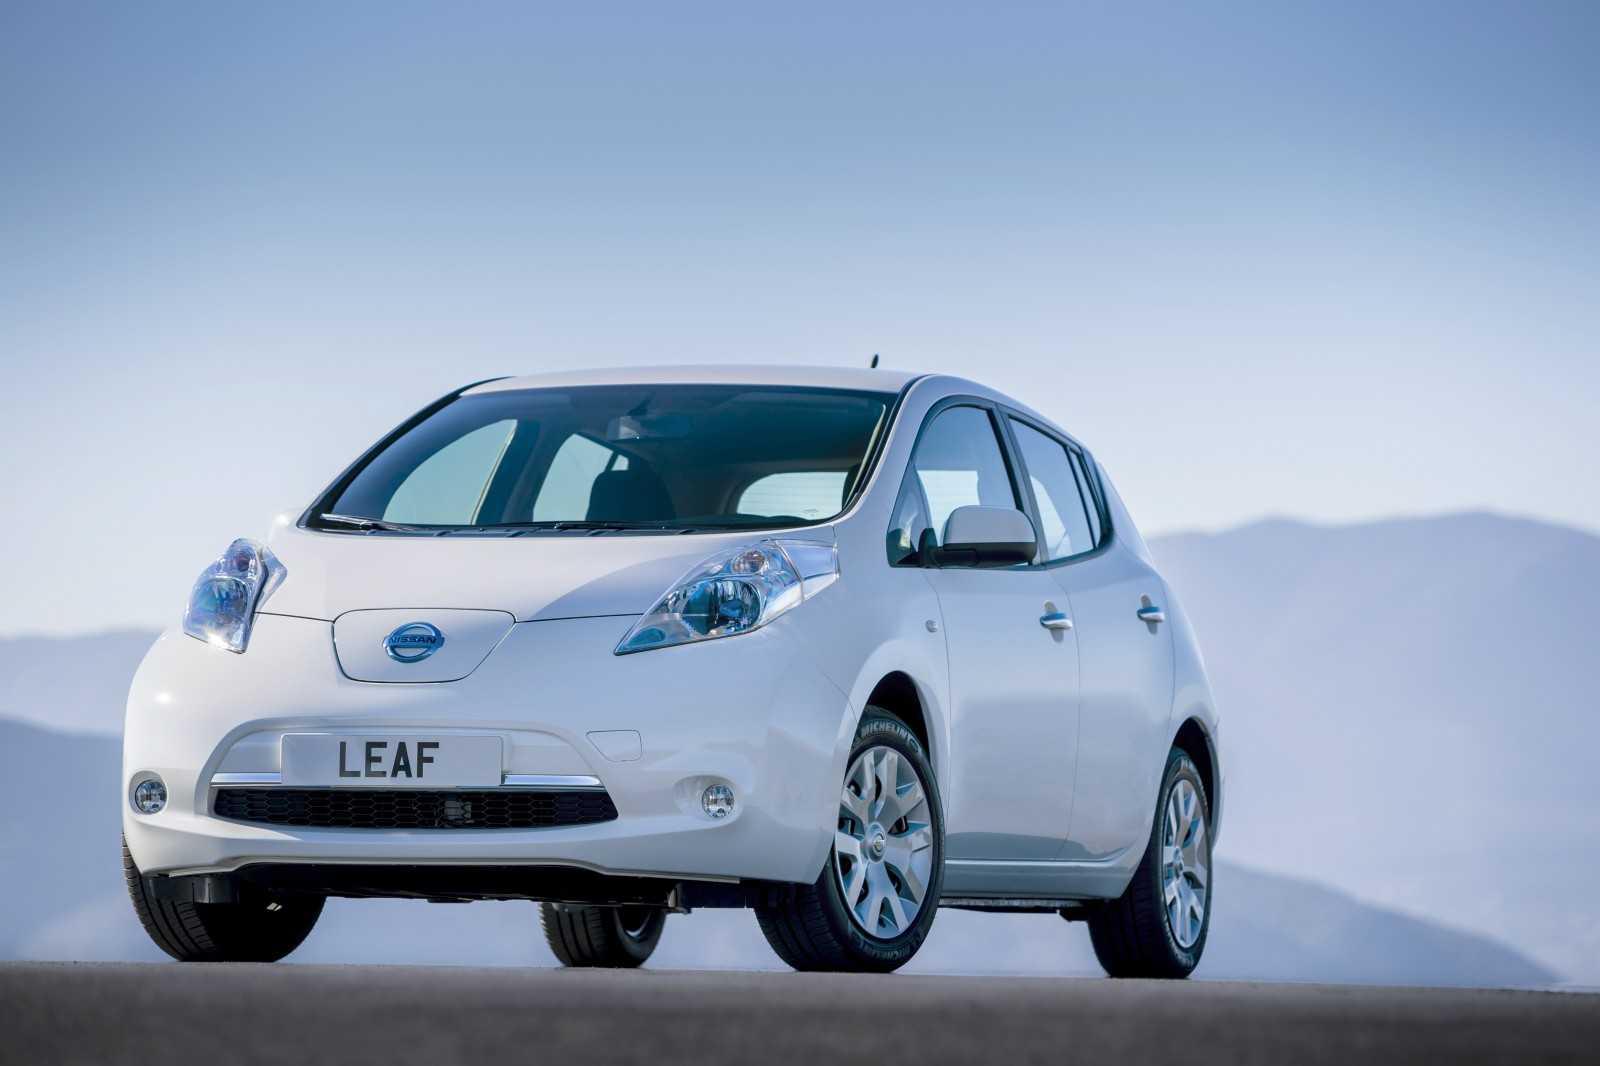 Ниссан лиф 2011 технические характеристики. nissan leaf 2011 комплектации и цены фото.